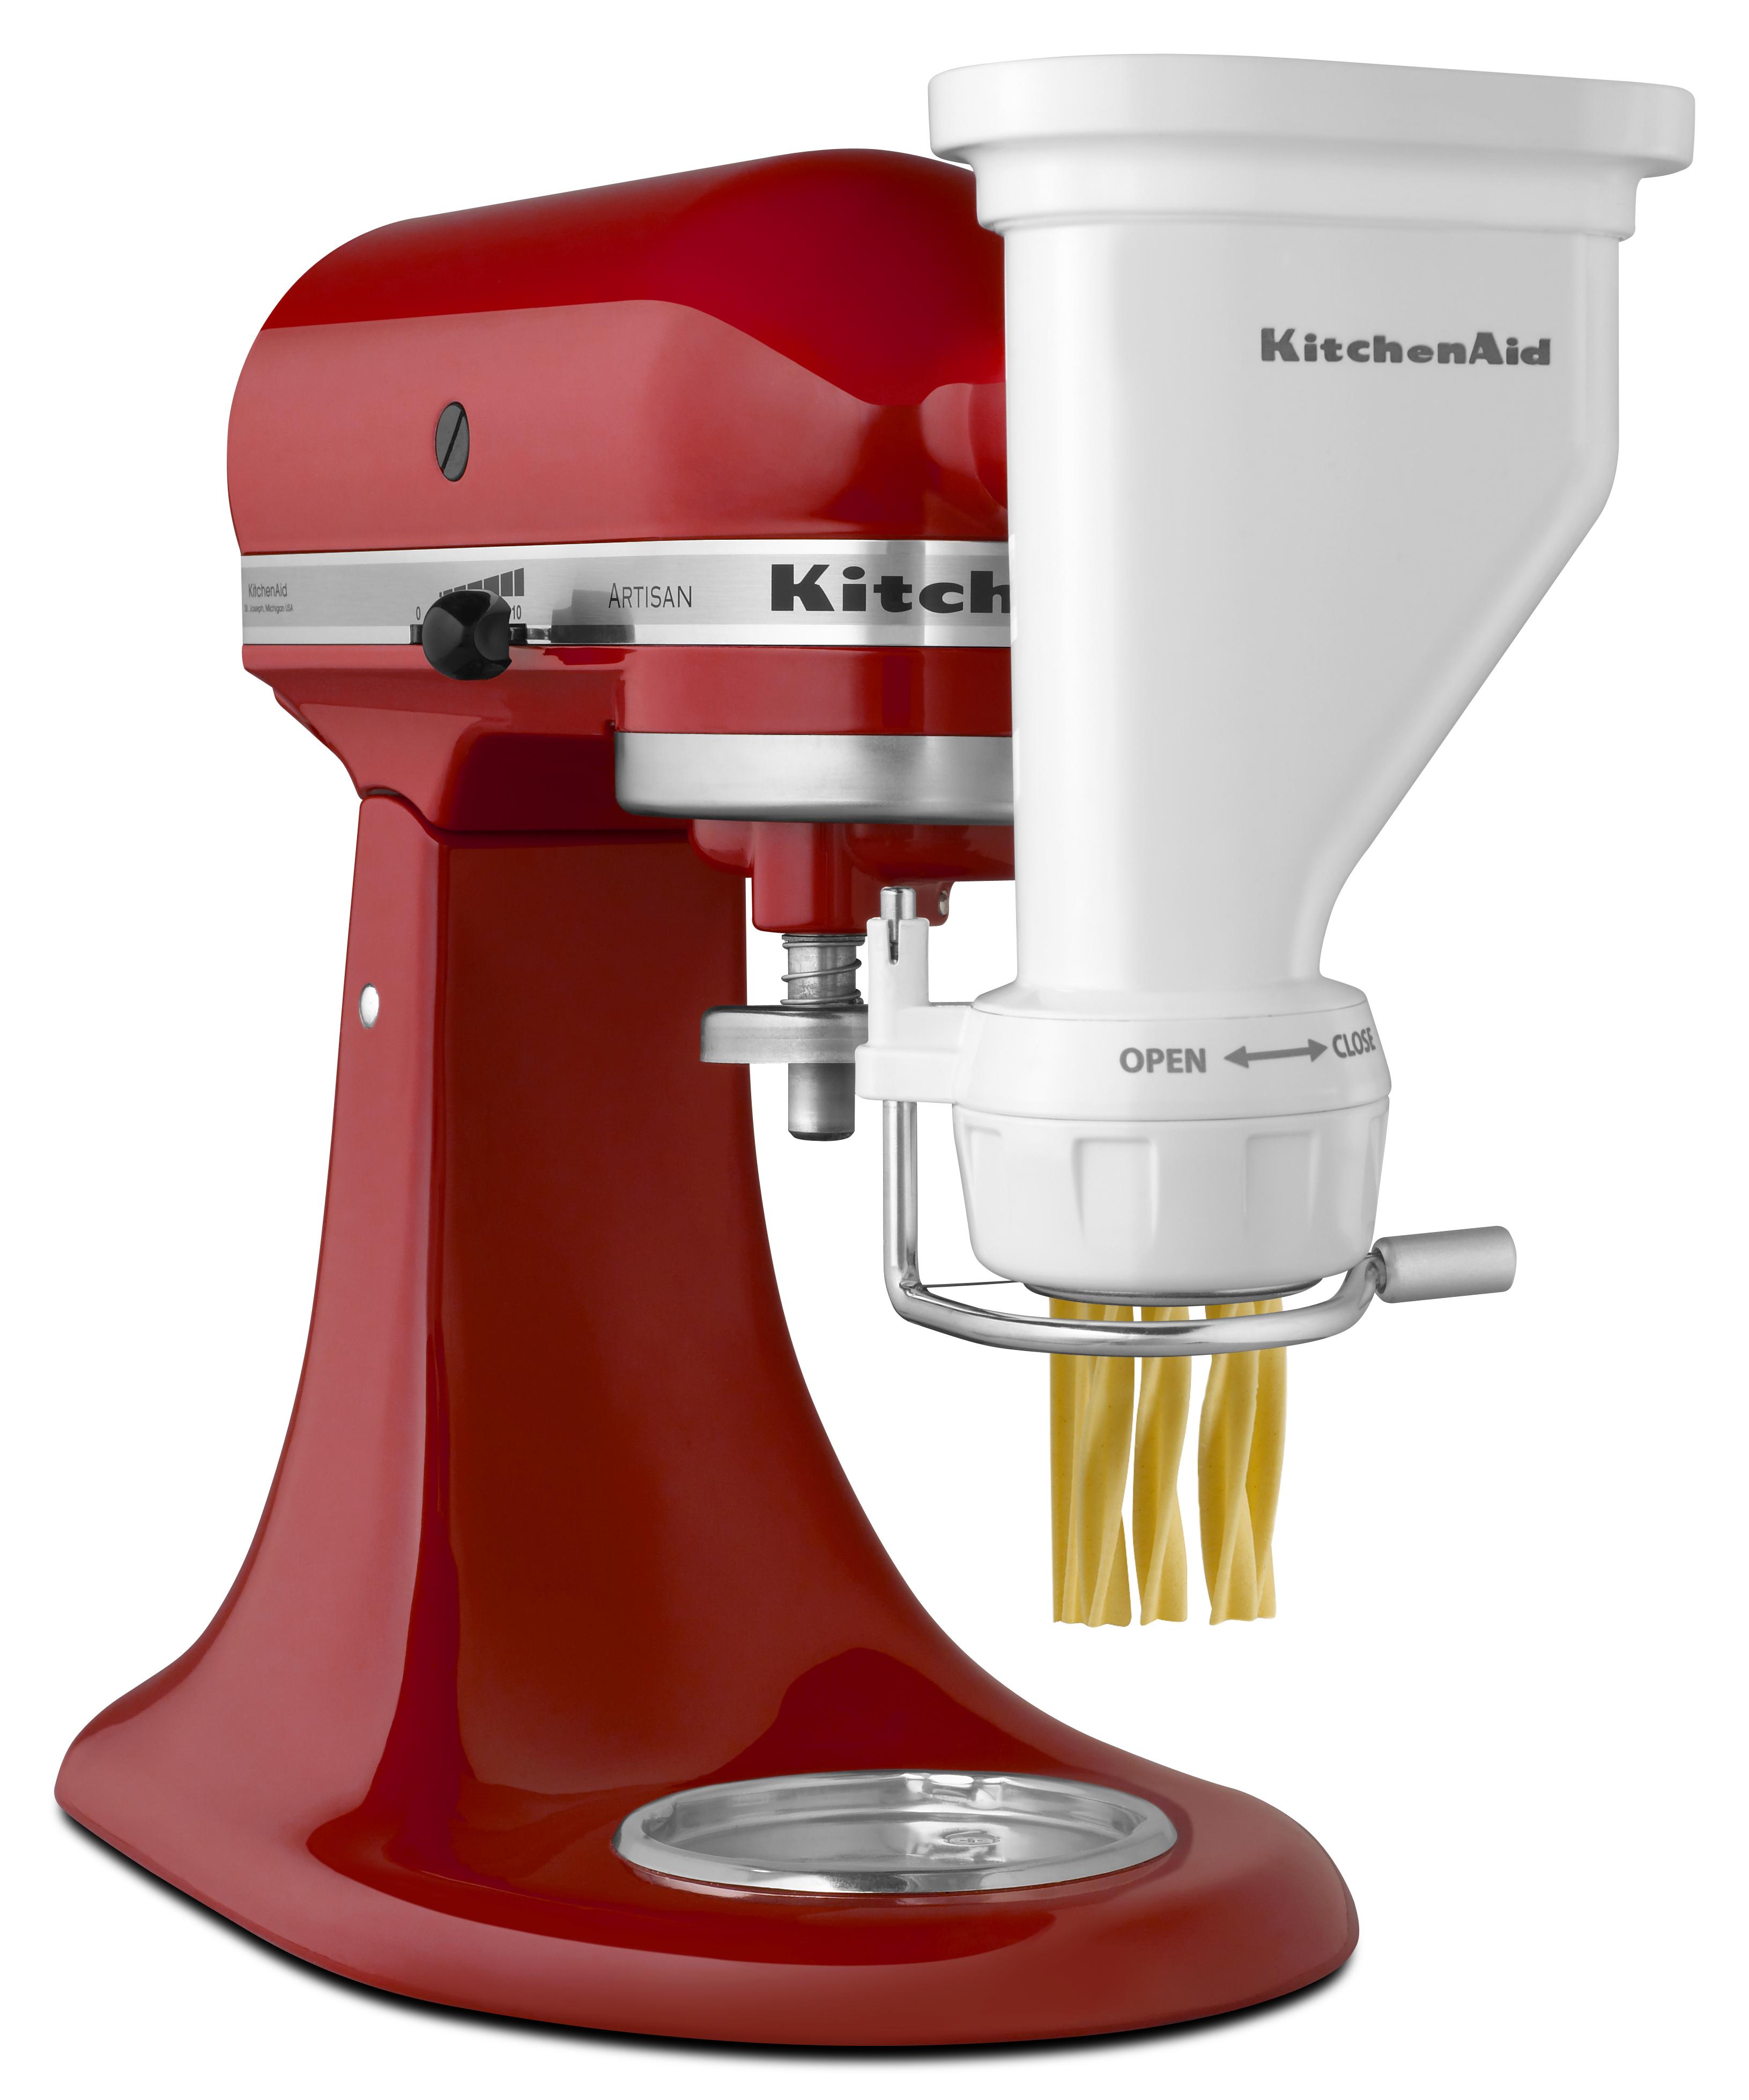 kitchenaid stand mixer photo 12 - Kitchenaid Mixer Artisan